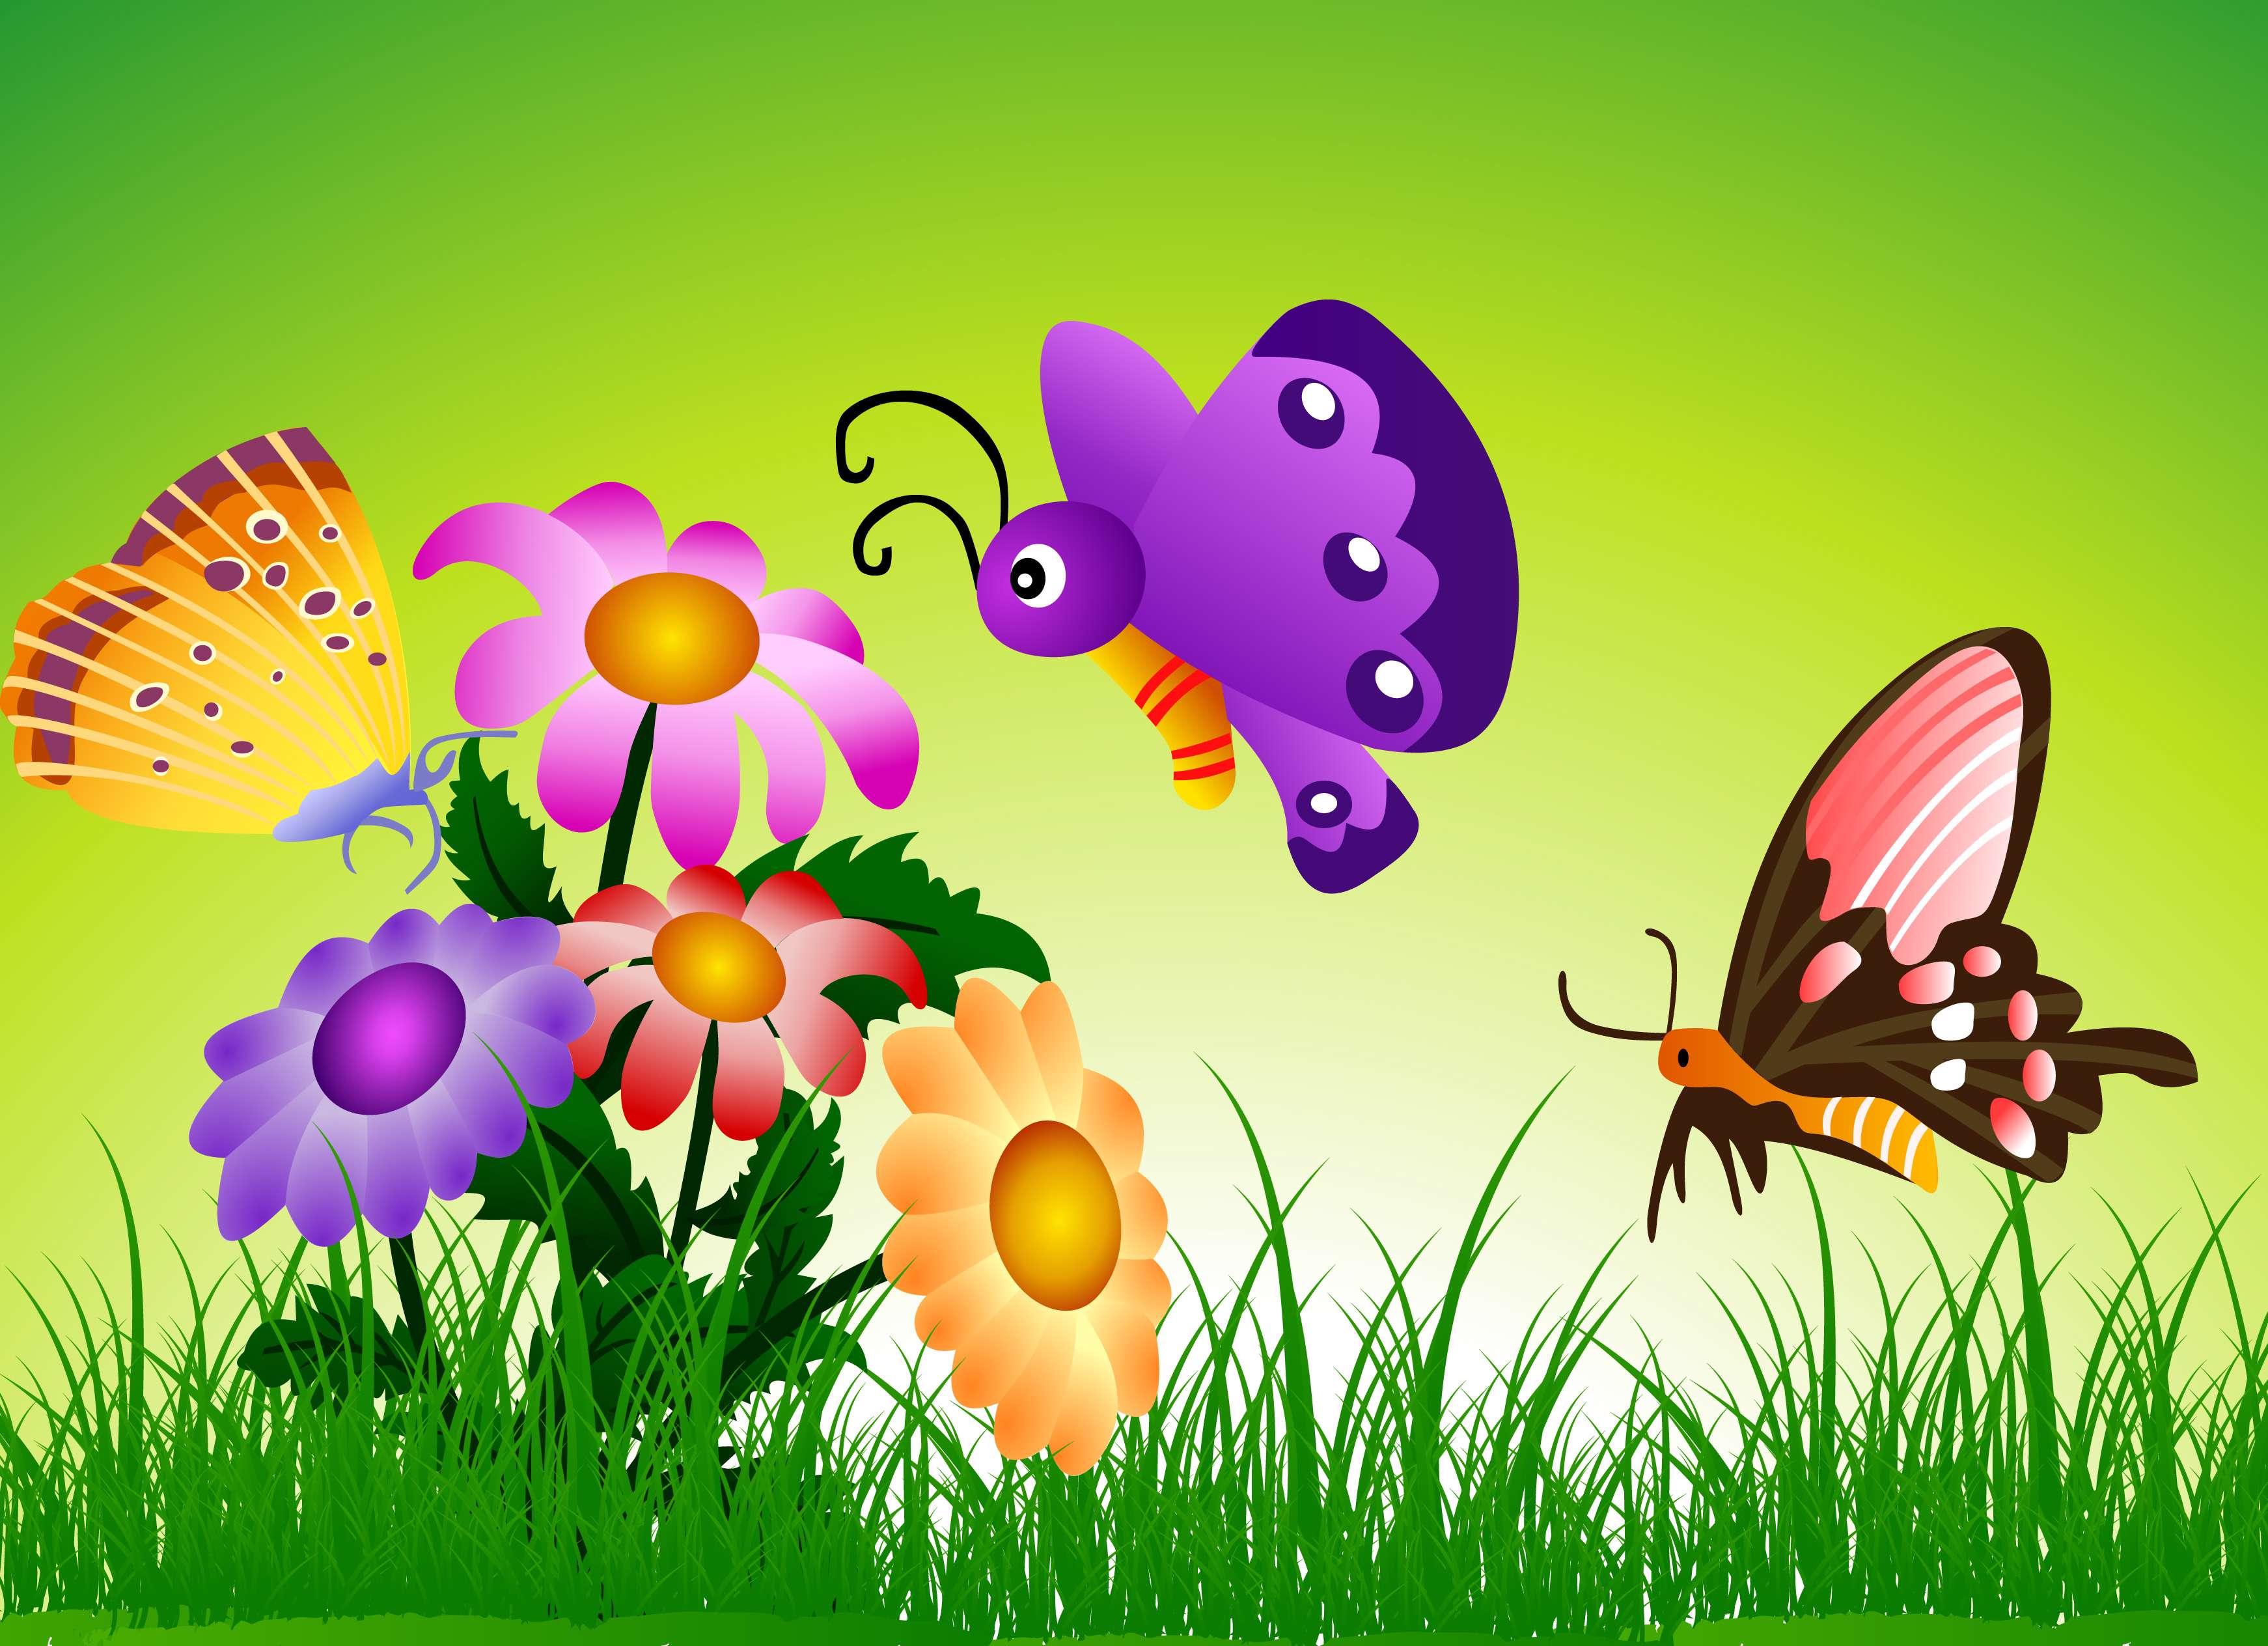 تصاویر لایه باز (psd) پس زمینه رنگارنگ در فضای طبیعت همراه با گل و پروانه